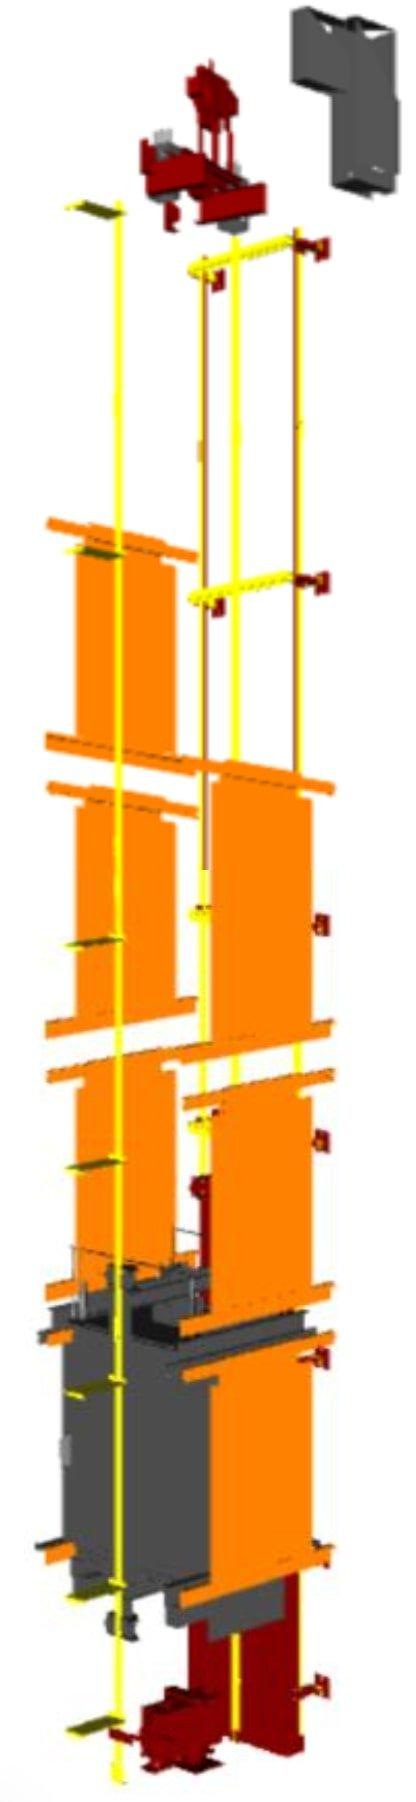 LoD 400 pour un ascenseur selon bim forum